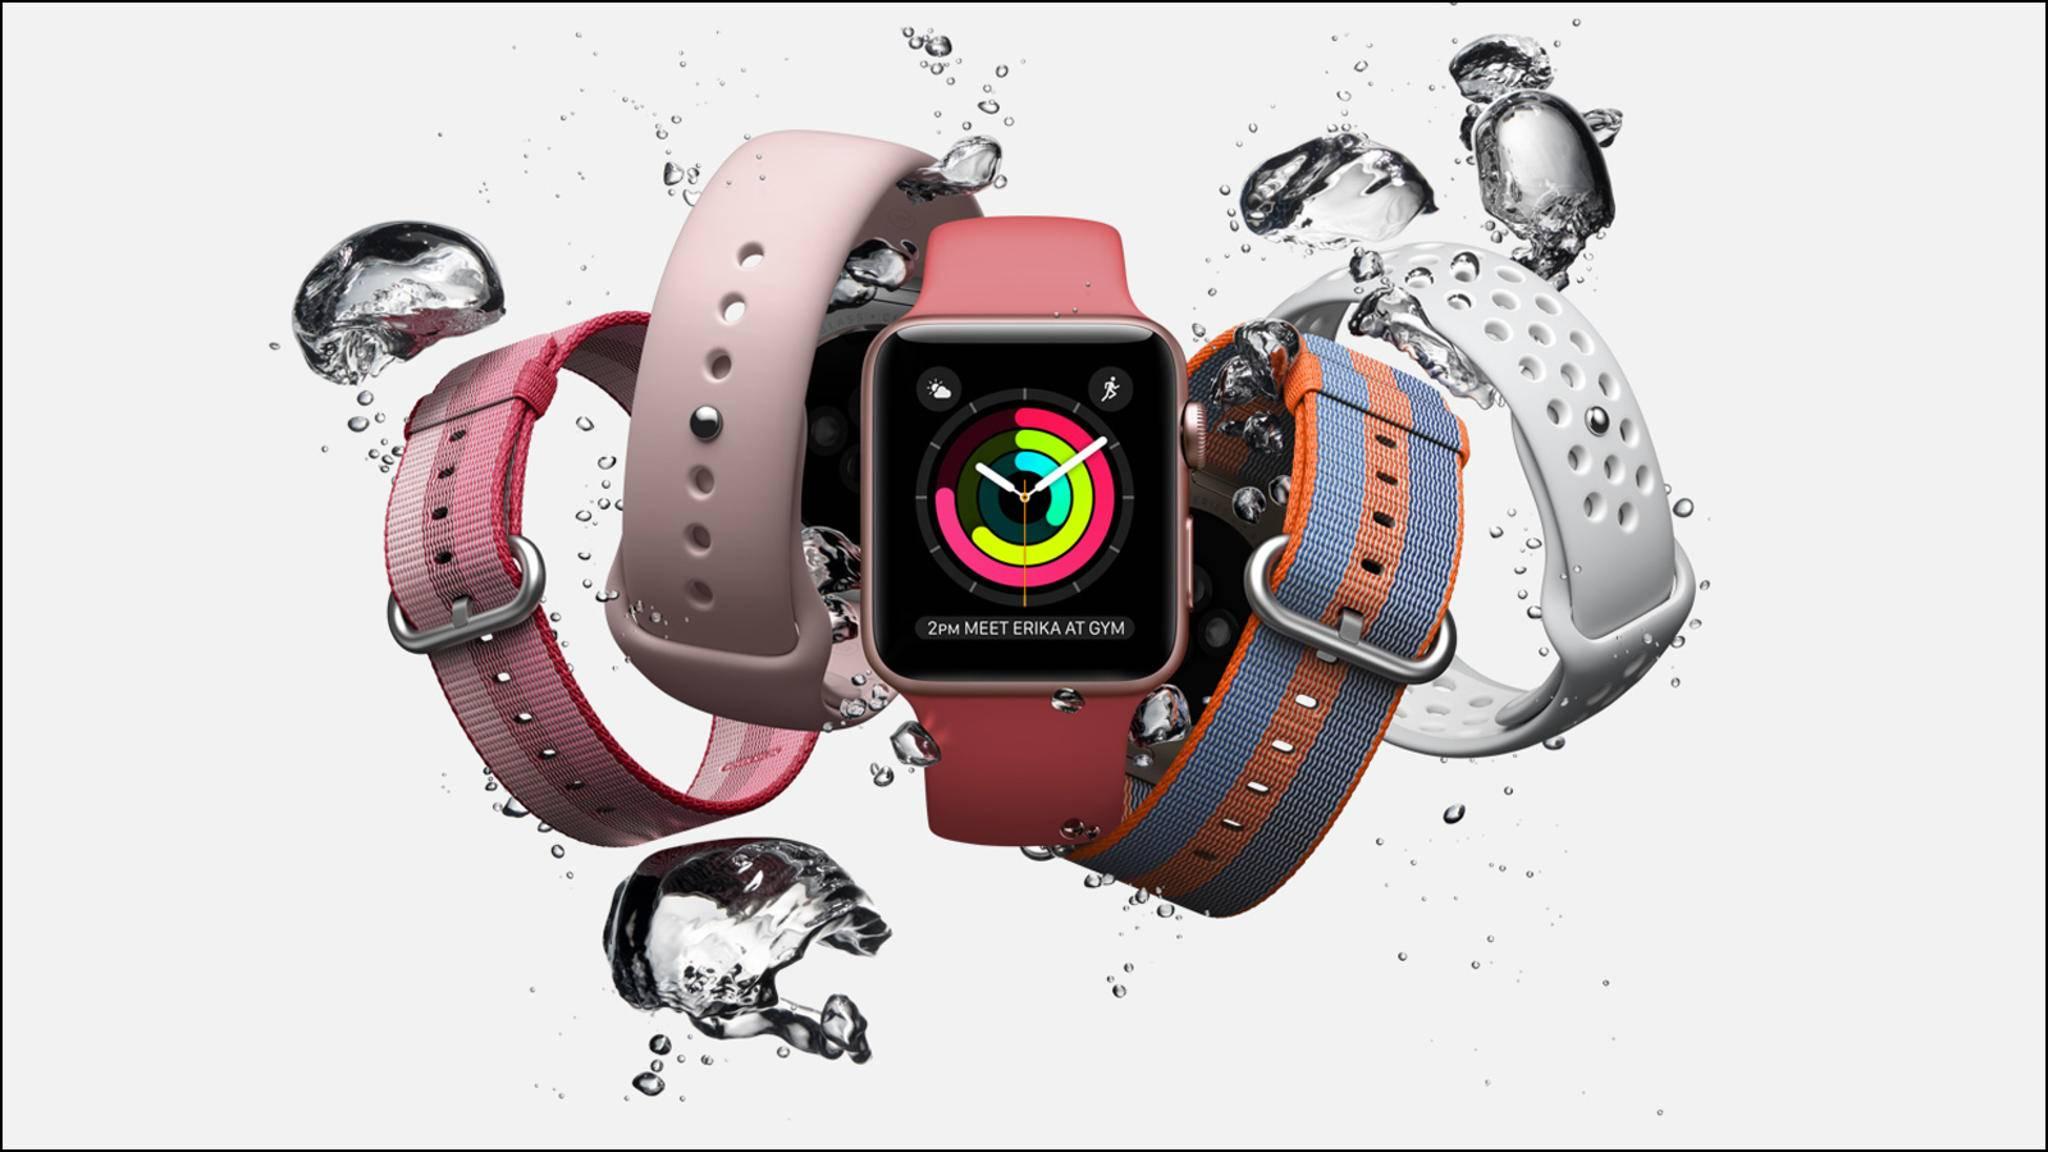 Bei der Apple Watch 3 gibt es im Gegensatz zum Vorgänger wohl eine LTE-Option.